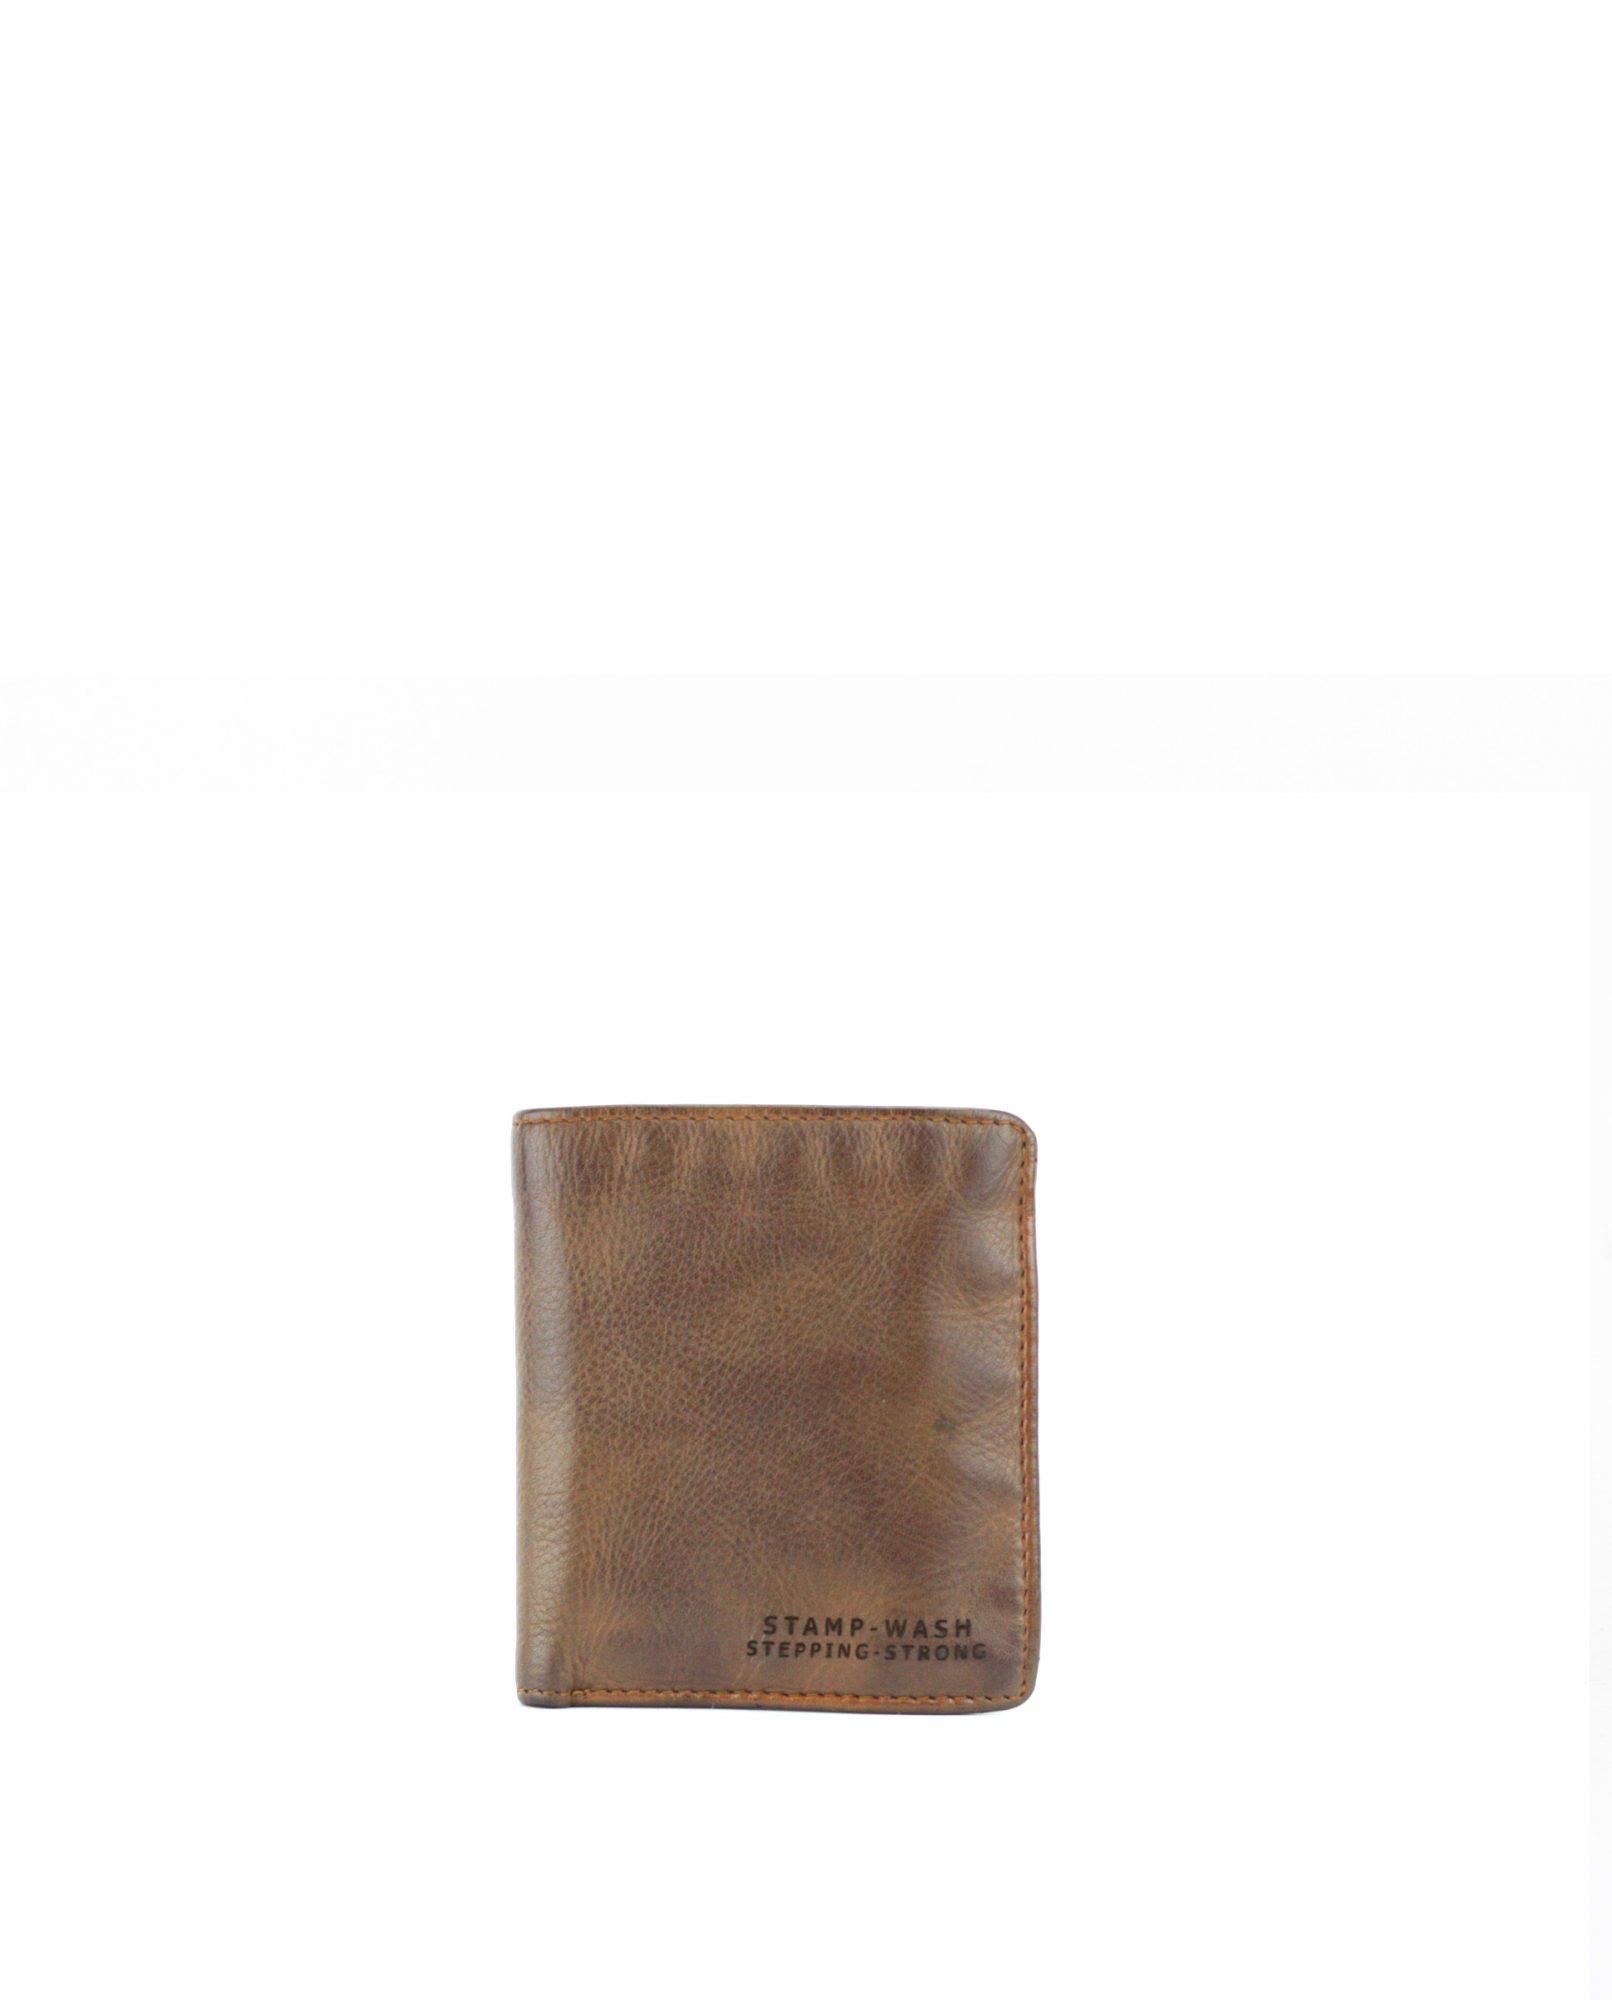 TICHI-Billetero de piel Stamp color cuero-MHST11928CU-STAMP